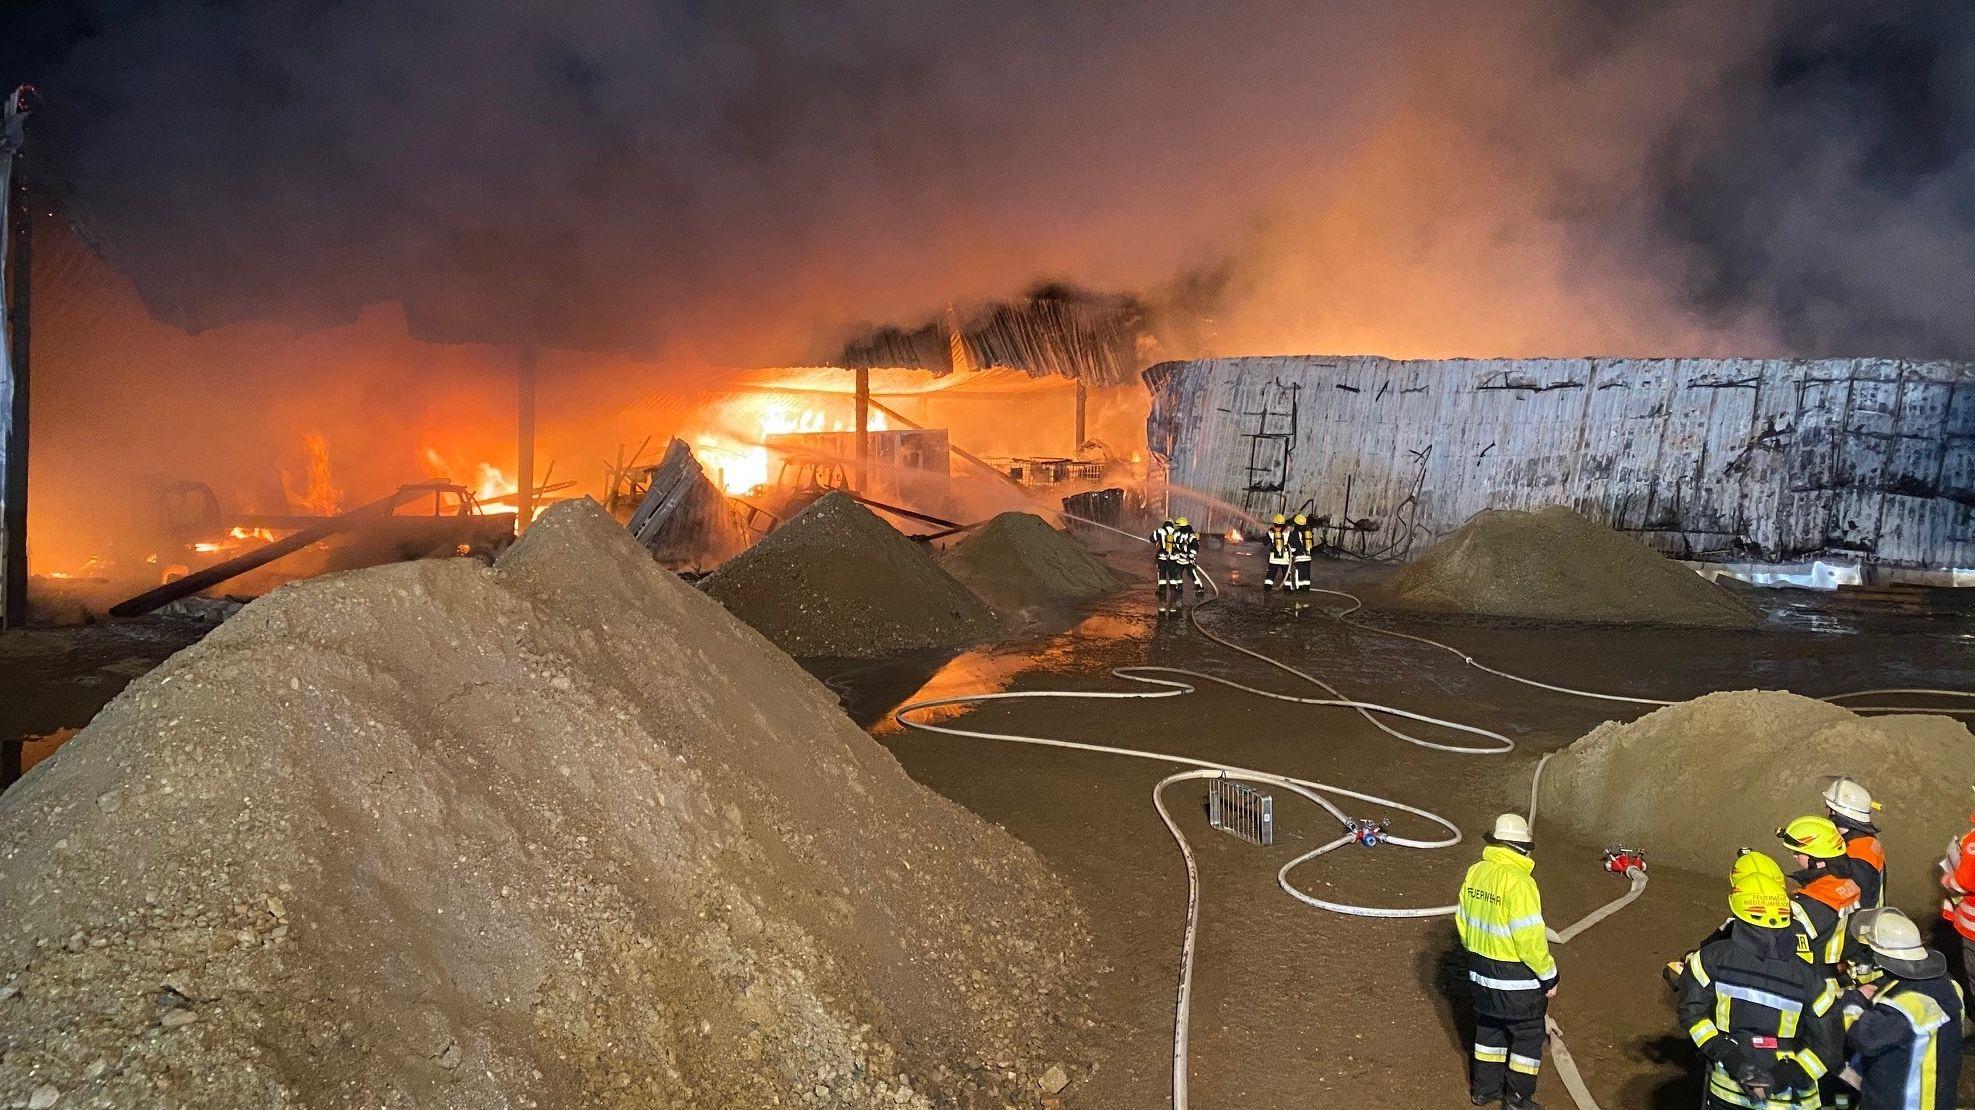 Bild vom Einsatzort - dichter Rauch über der brennenden Lagerhalle